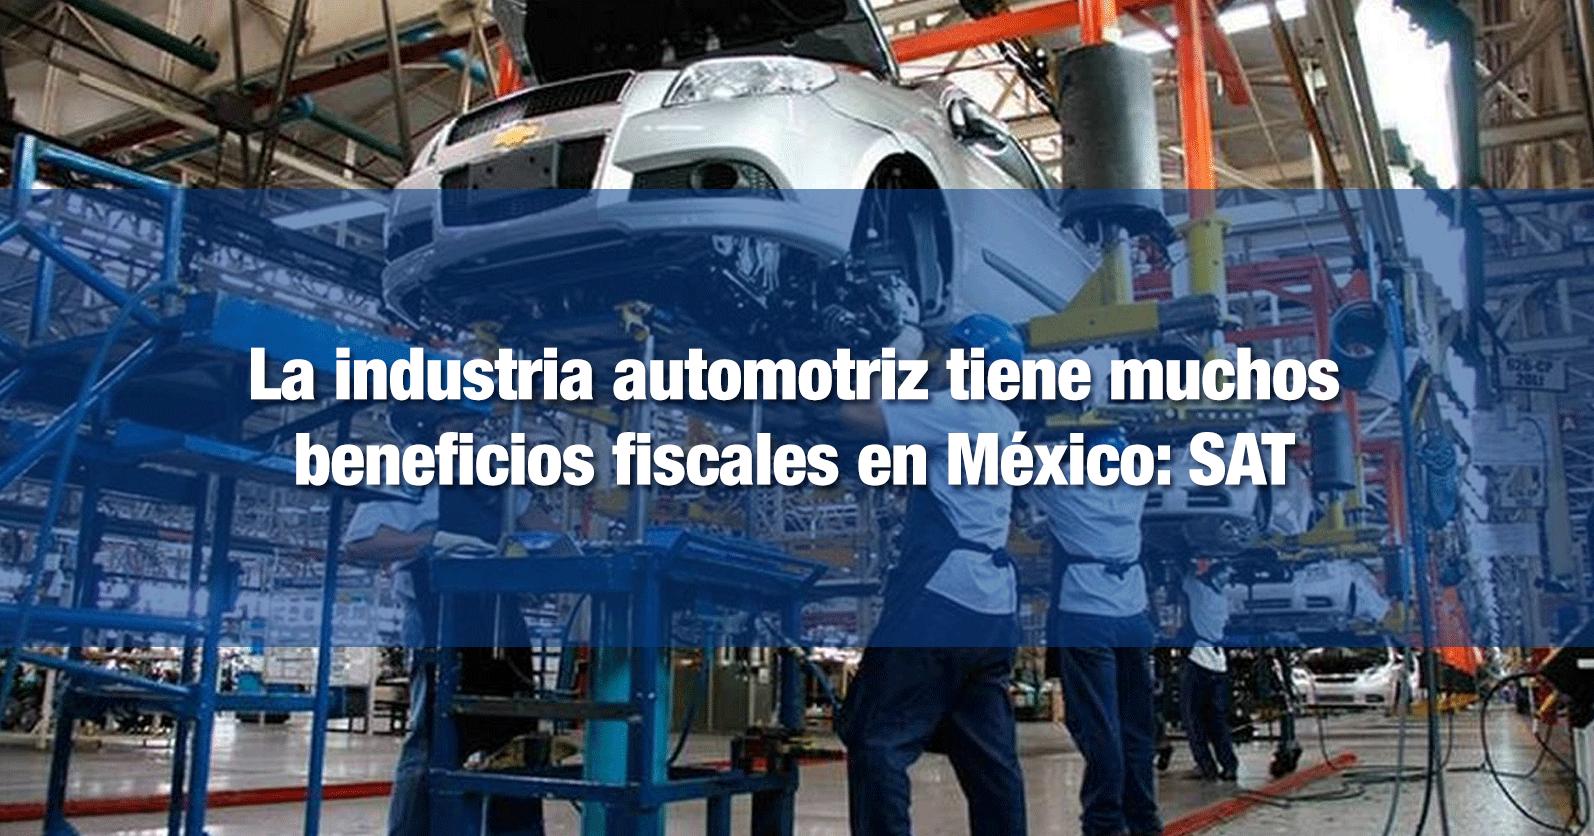 La industria automotriz tiene muchos beneficios fiscales en México: SAT